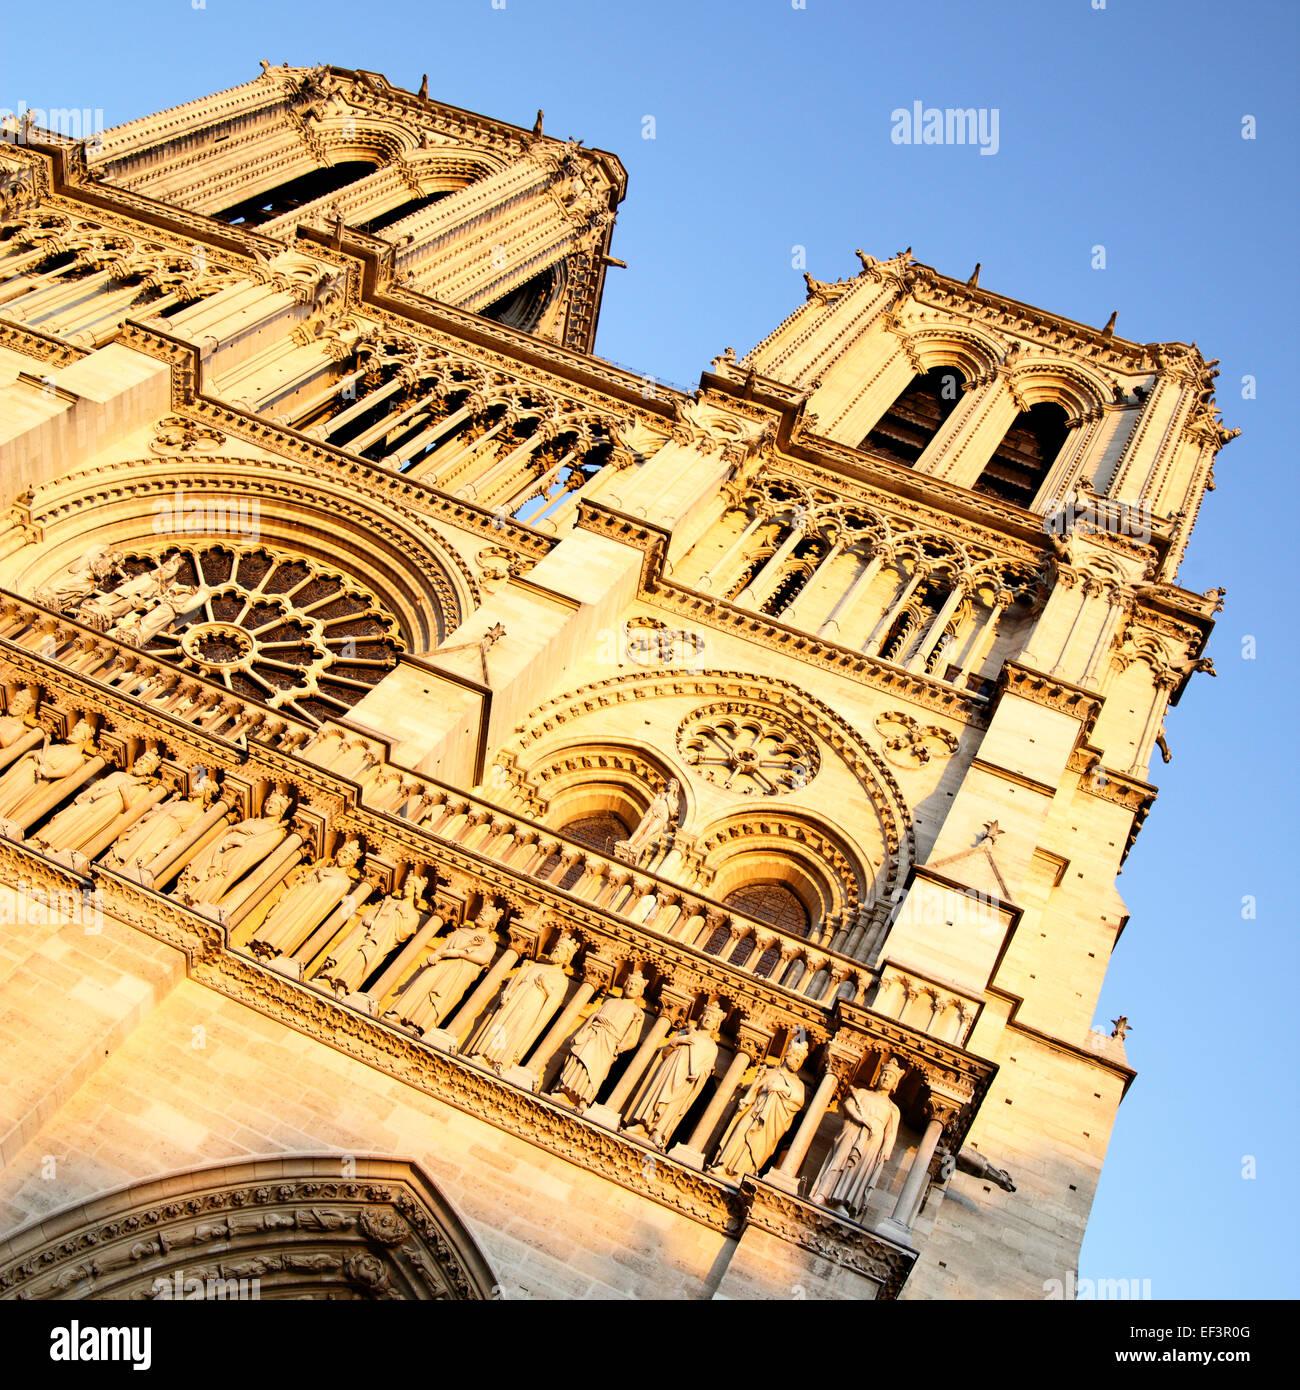 Evening view of Notre Dame de Paris, France - Stock Image